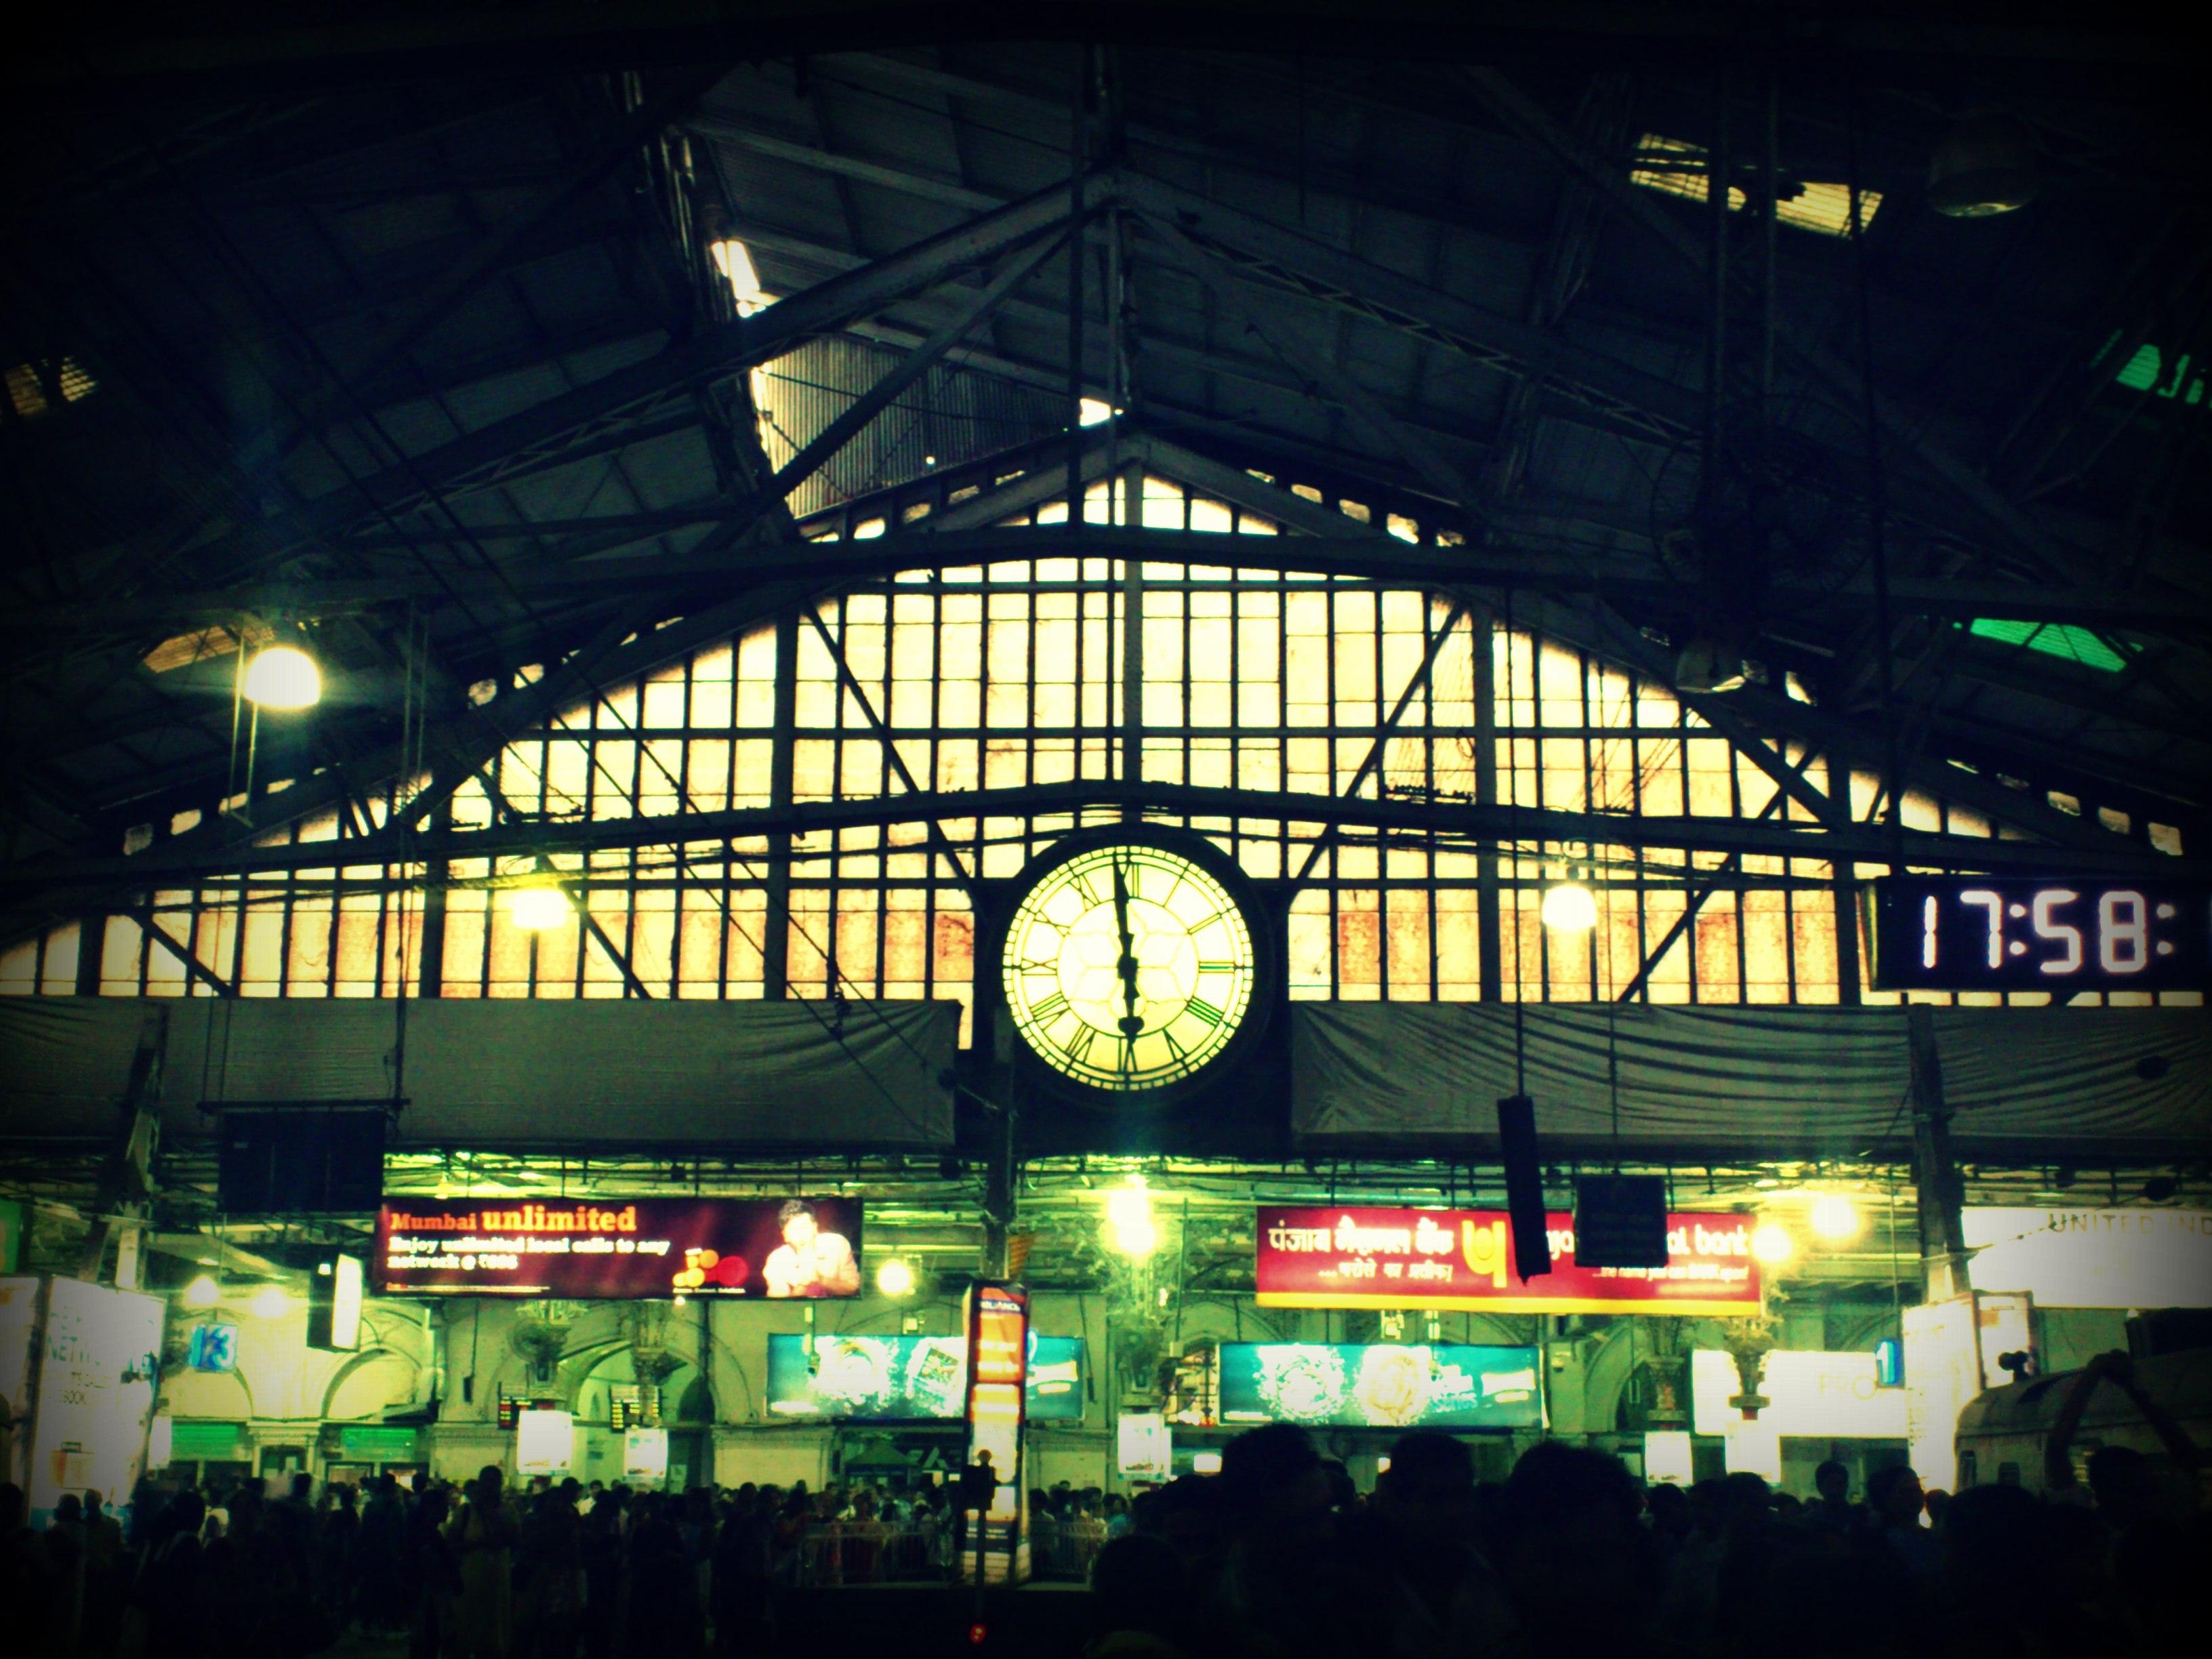 360-Legendry-Clock-at-VT-station1